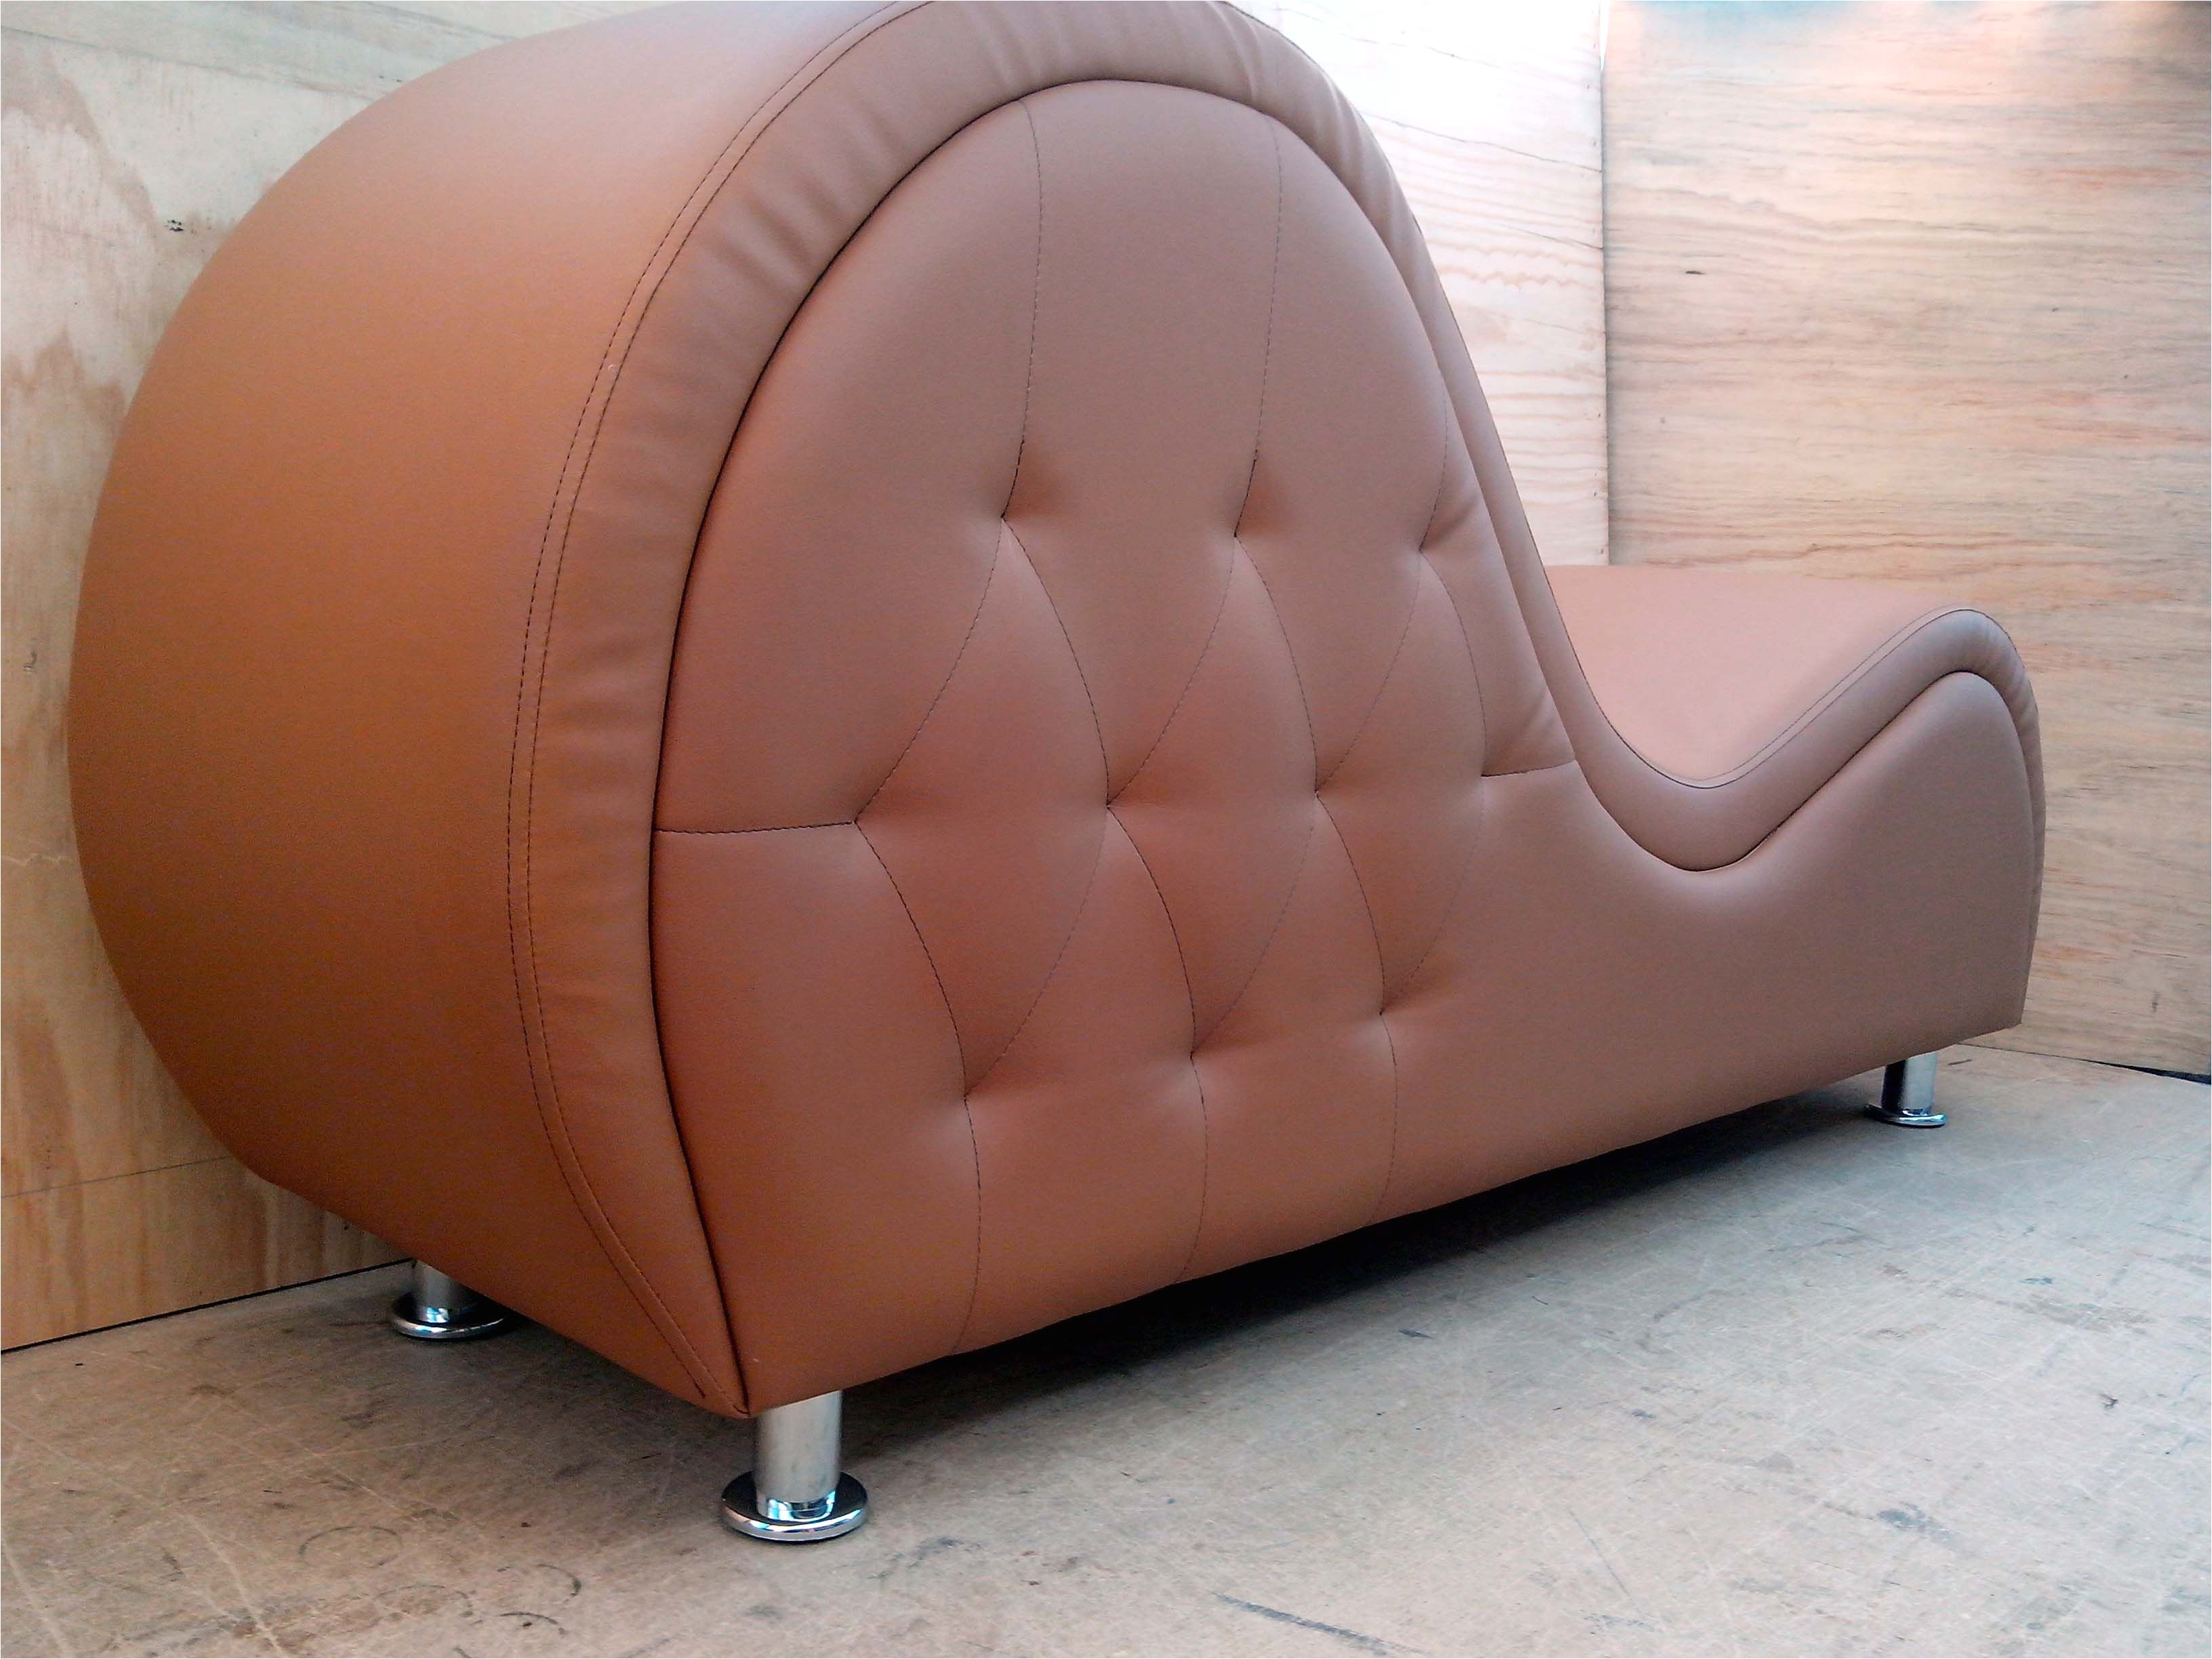 marcelo aranguiz todos fabricados por marcelo mueblesmarc gmail movil 94148013 santiago chile desarrollo disea o muebles sillones pinterest tantra